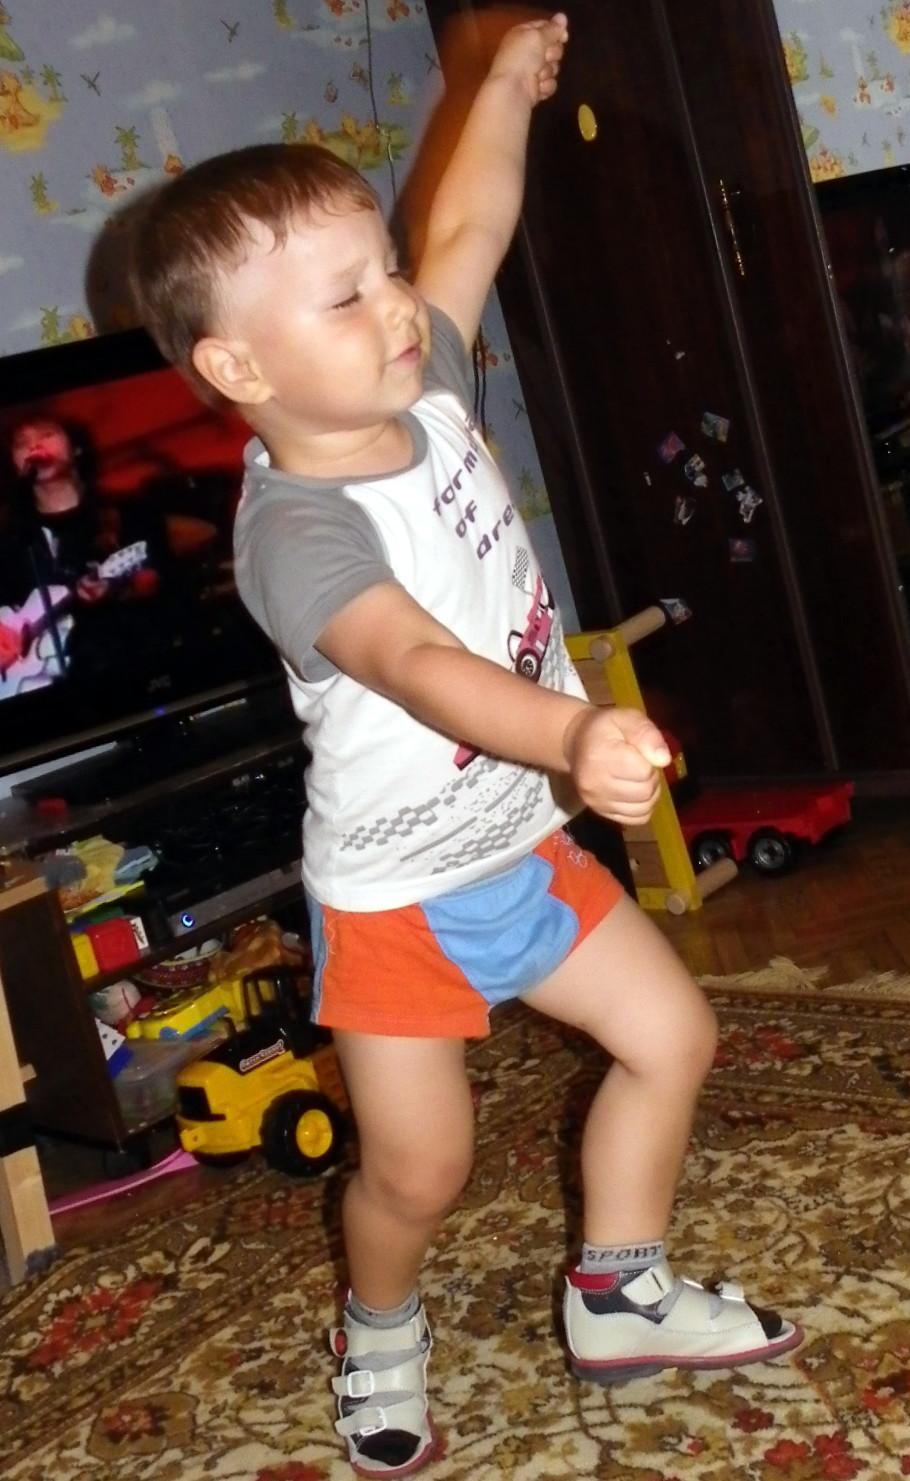 Модный Танец Арам Зам Зам -))). Танцуй, пока молодой!